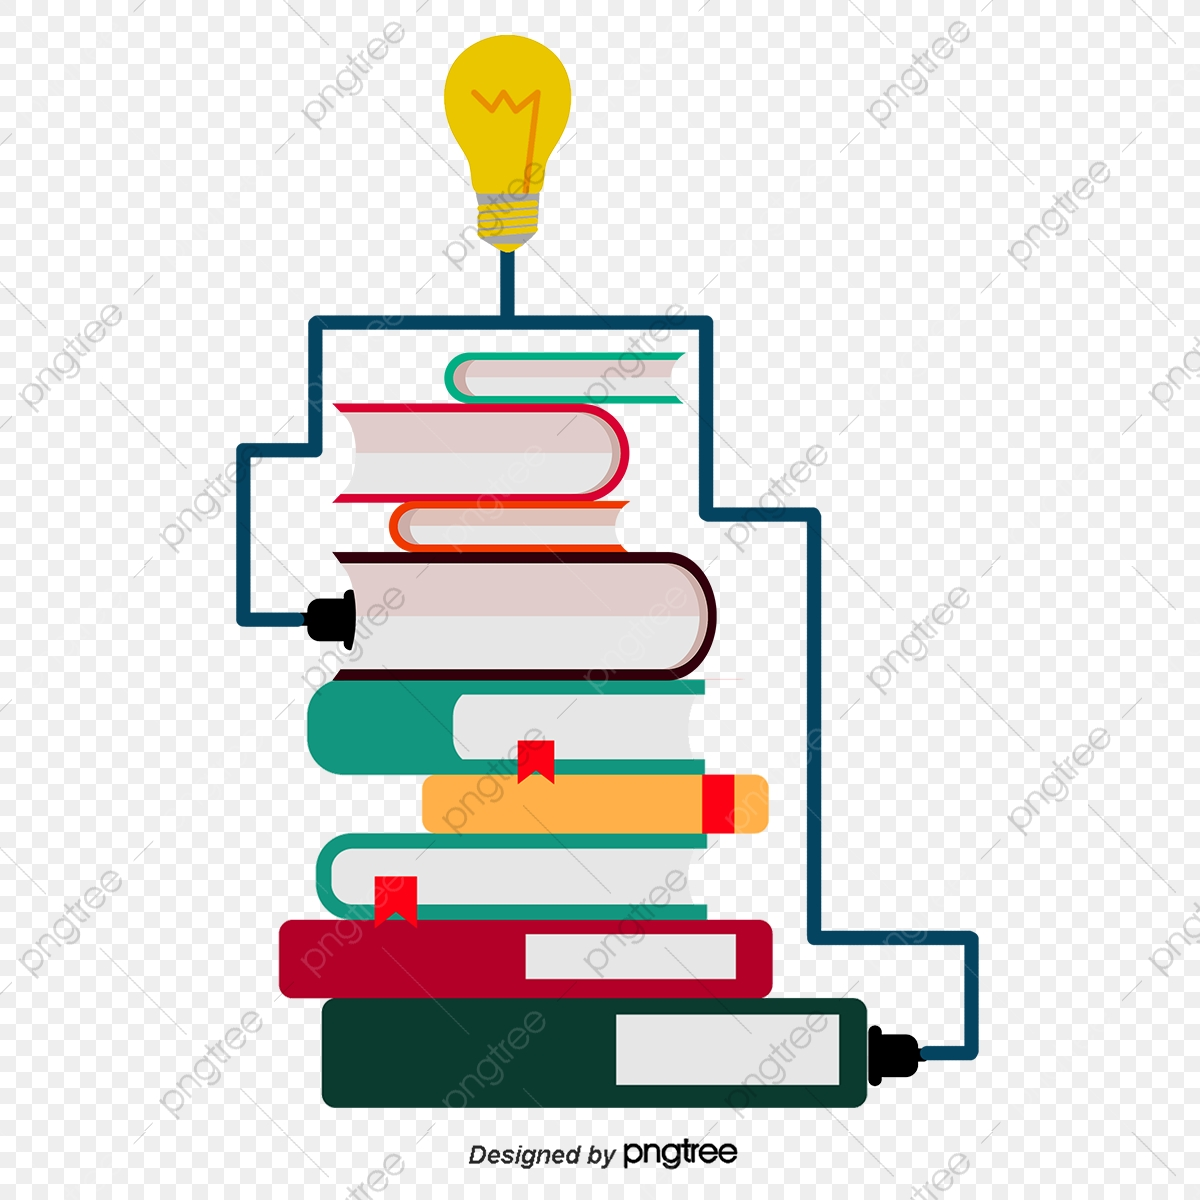 la connaissance de la charge connaissances charge livres